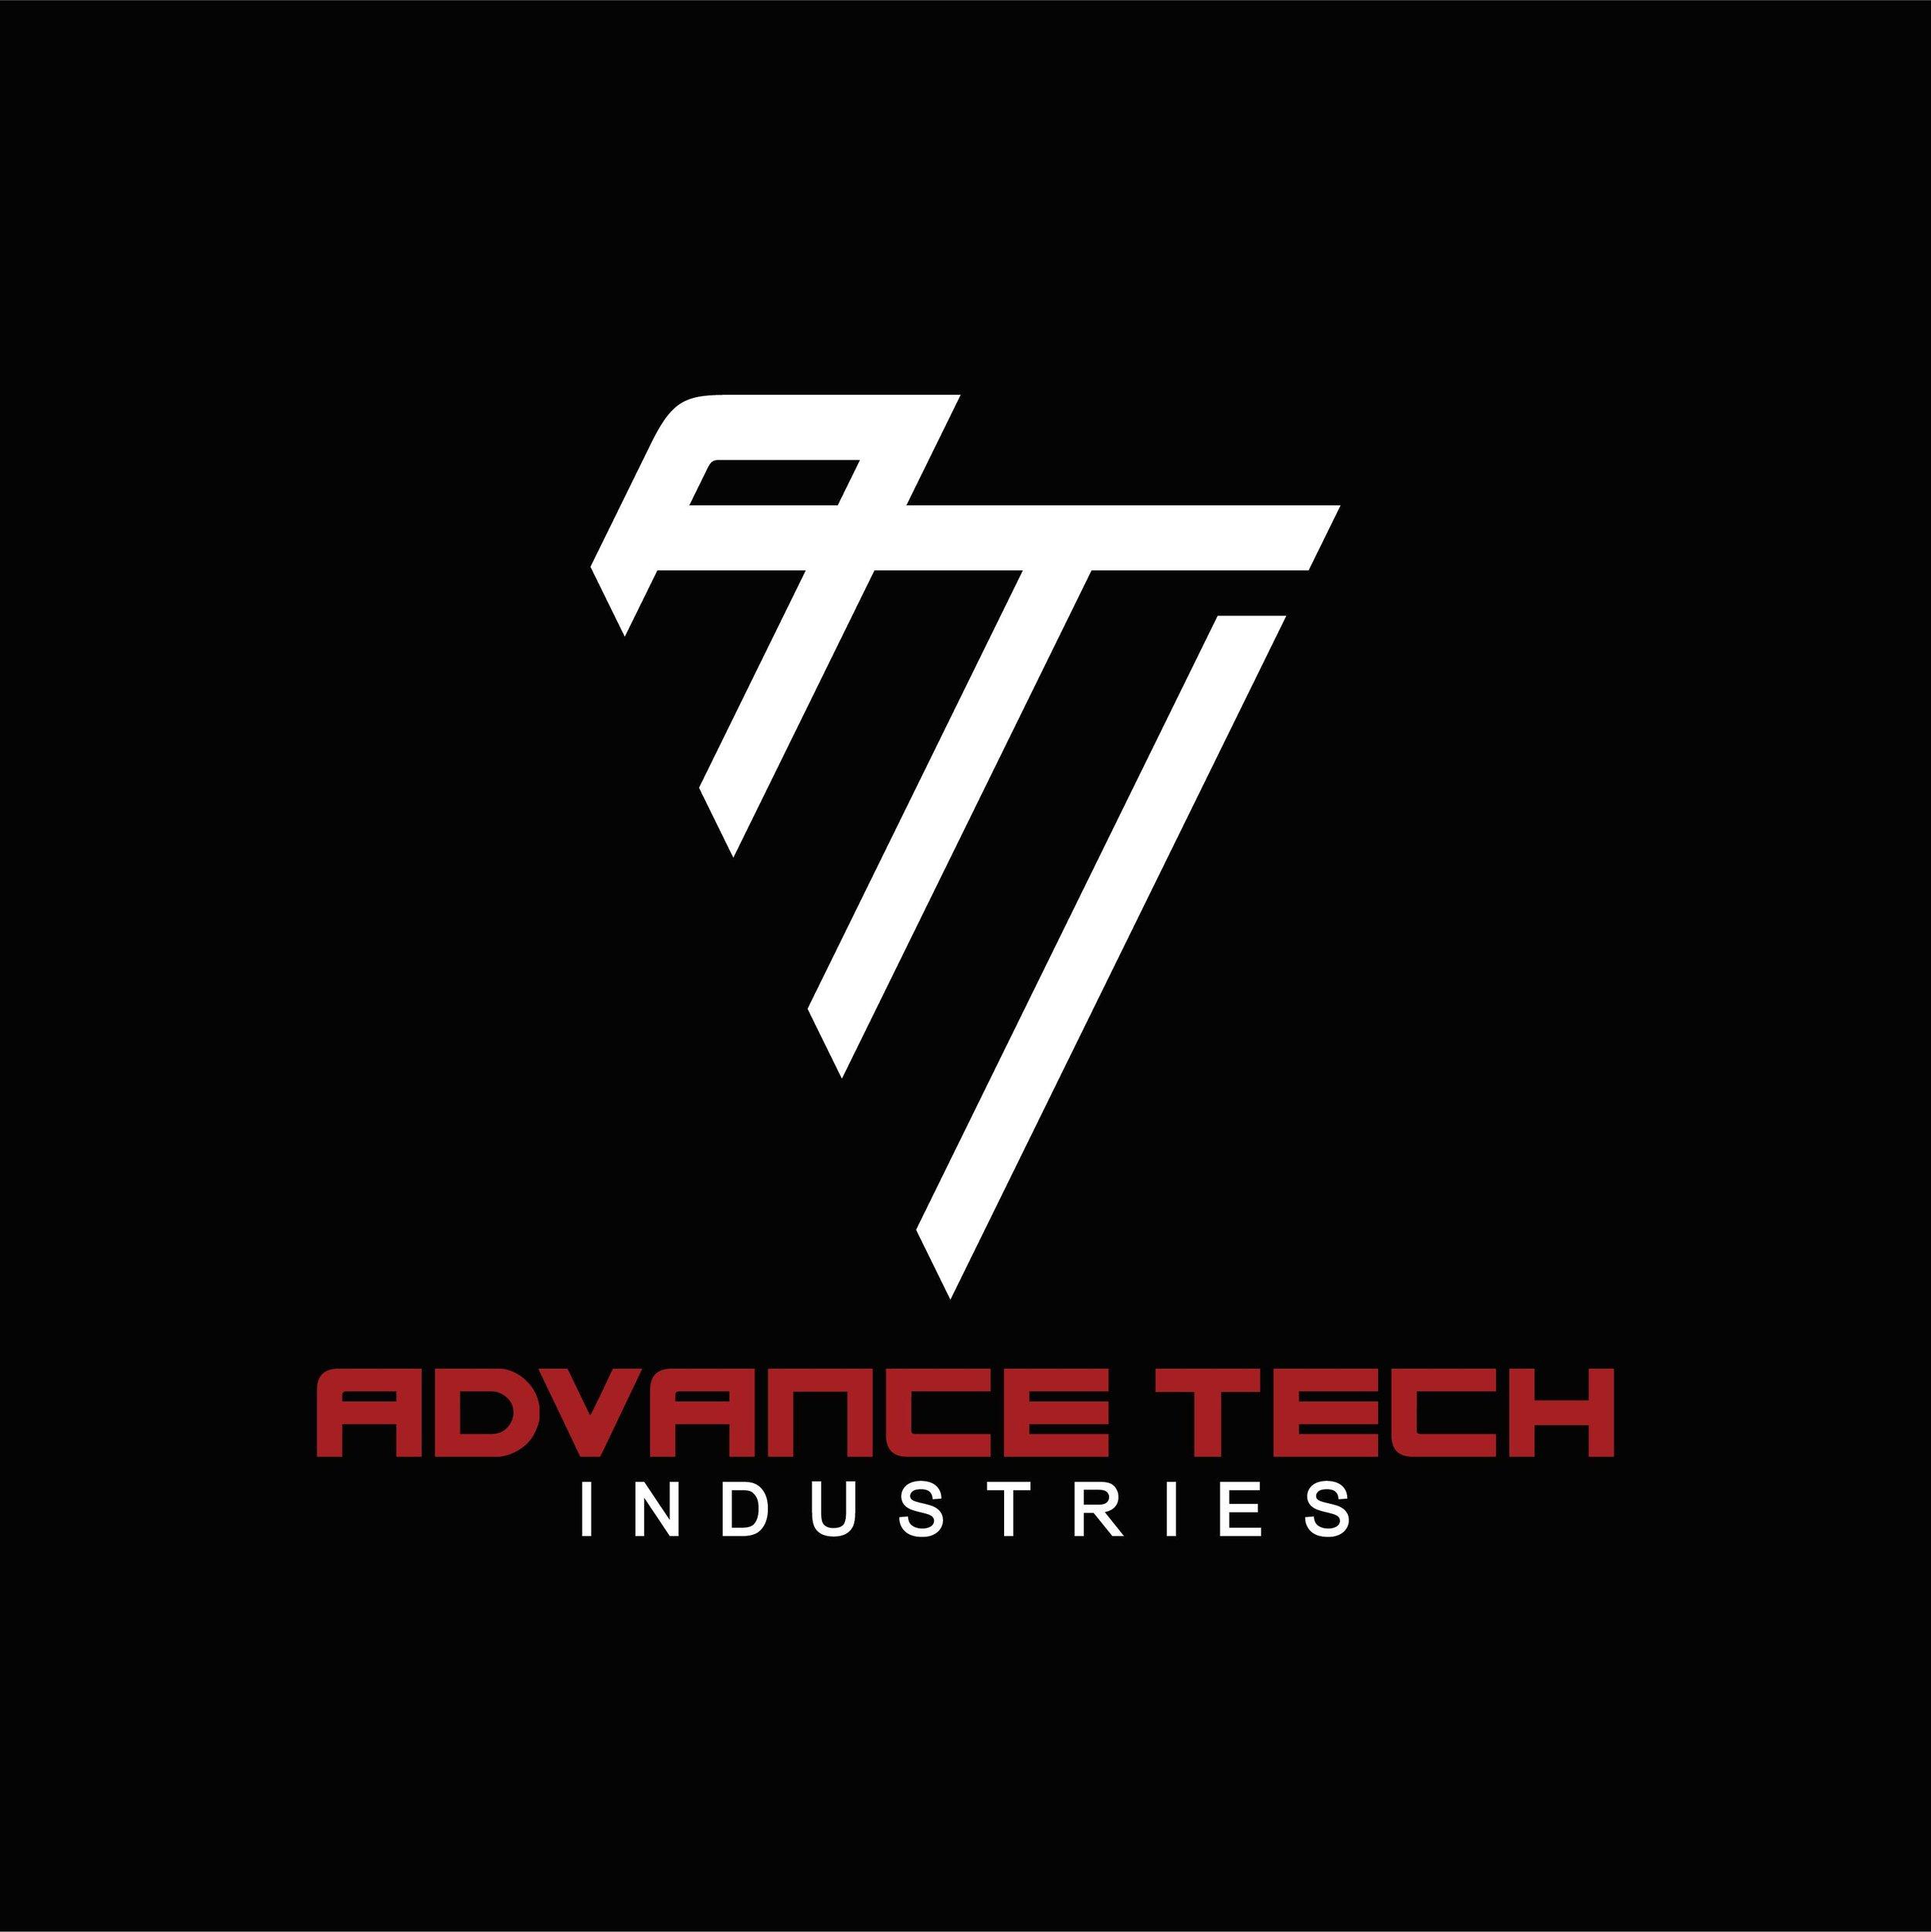 Logos&Branding-10.jpg